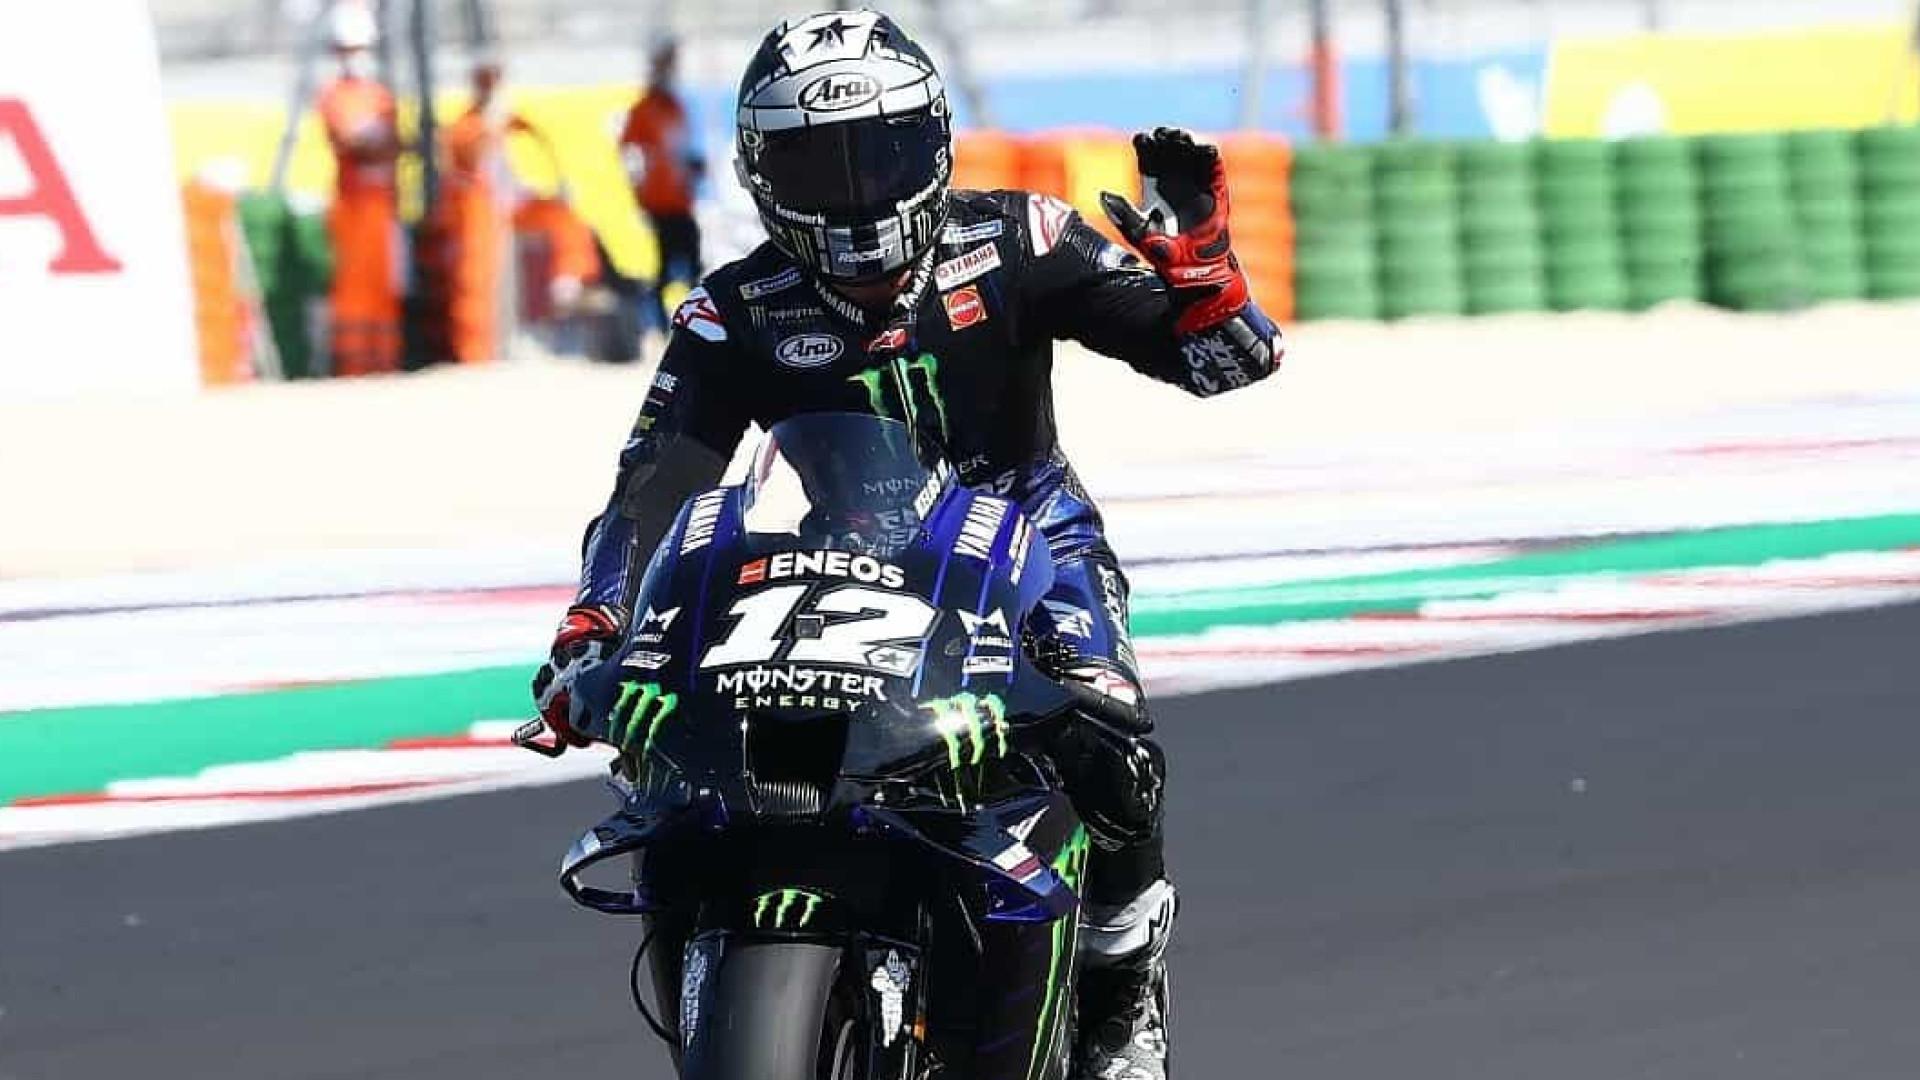 Viñales desbanca Morbidelli e conquista pole na etapa de San Marino da MotoGP